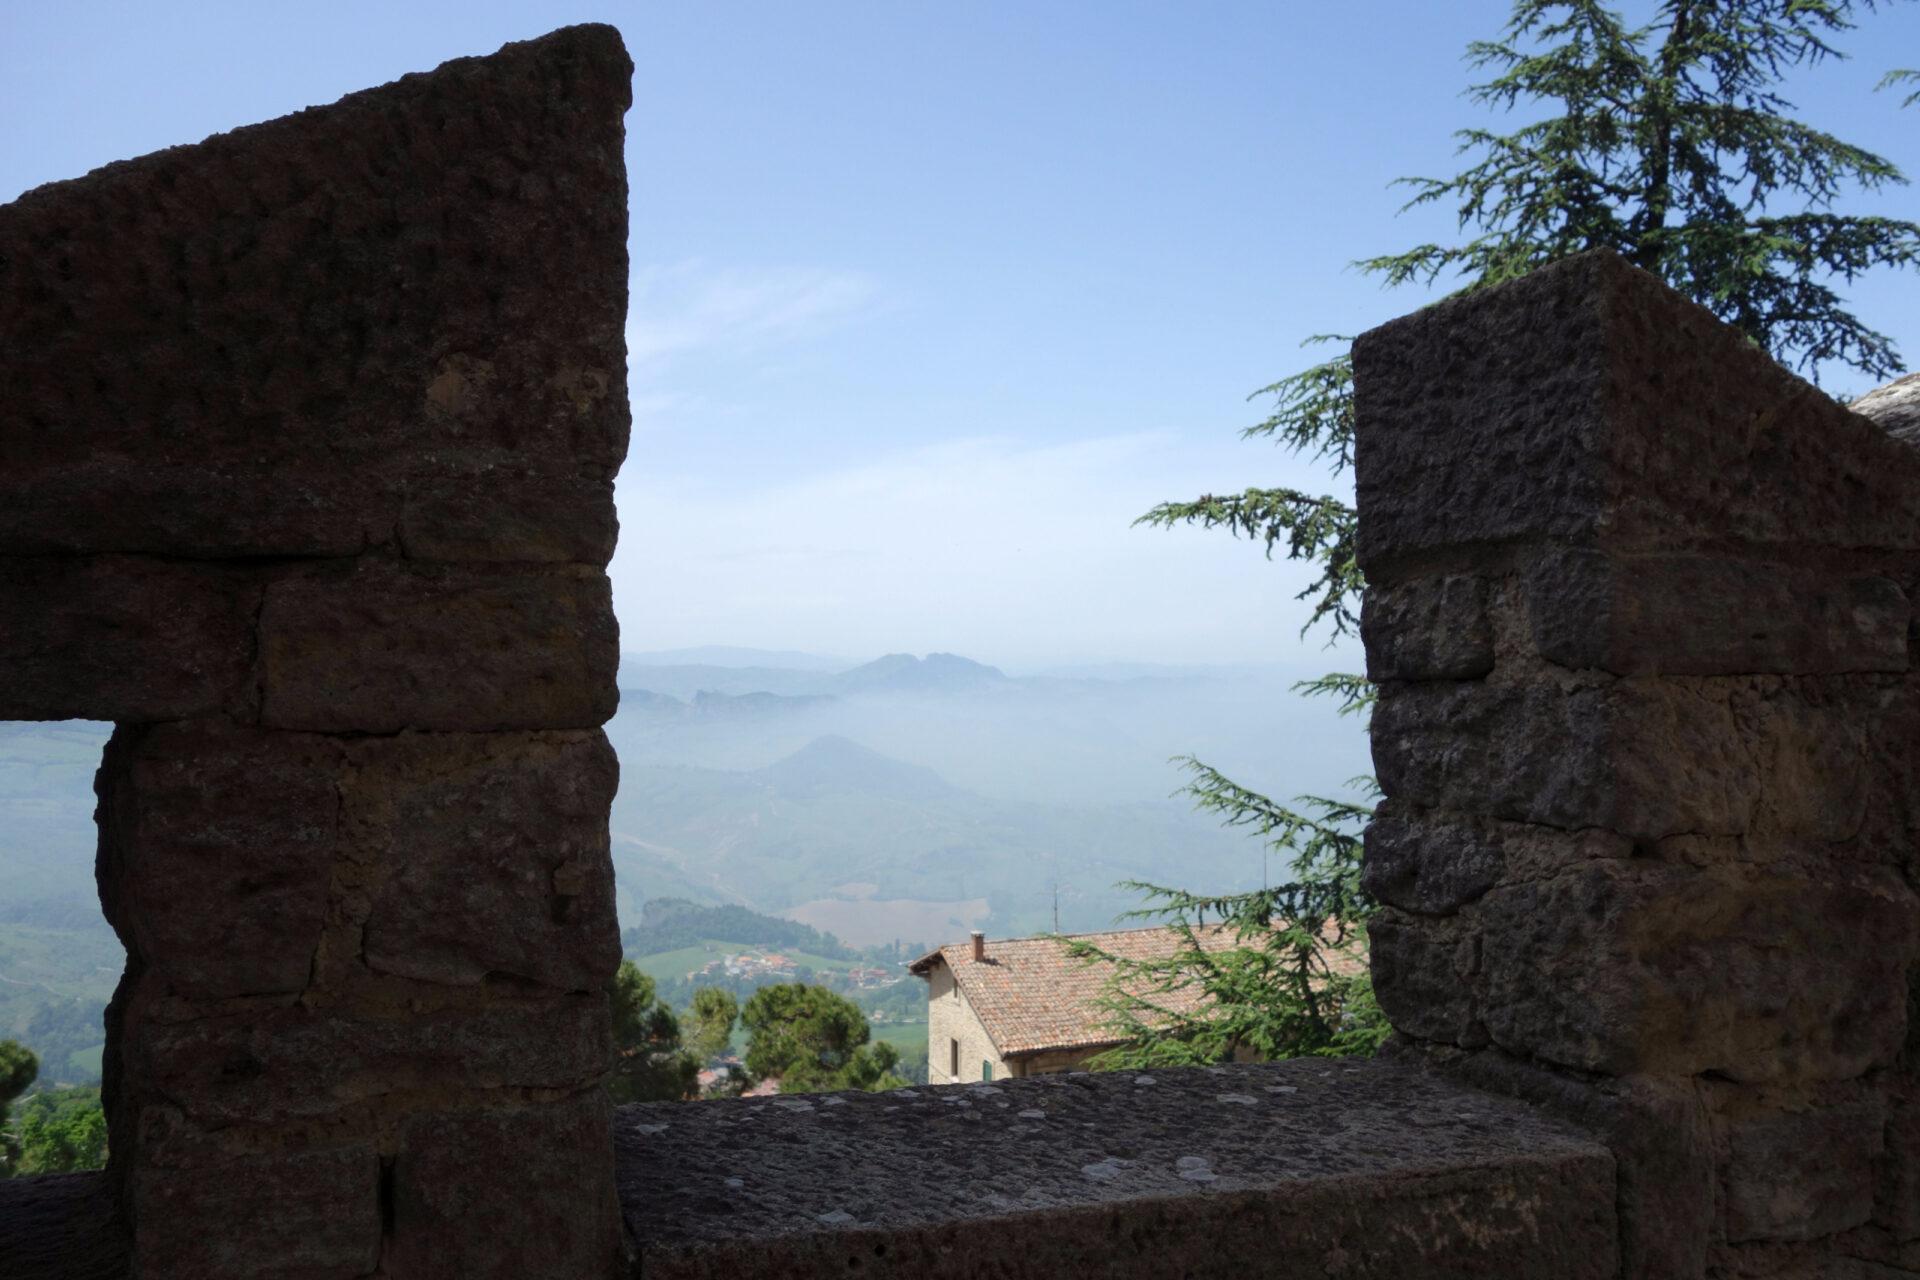 Сан-Марино: это как «Ласточкино гнездо», только лучше!